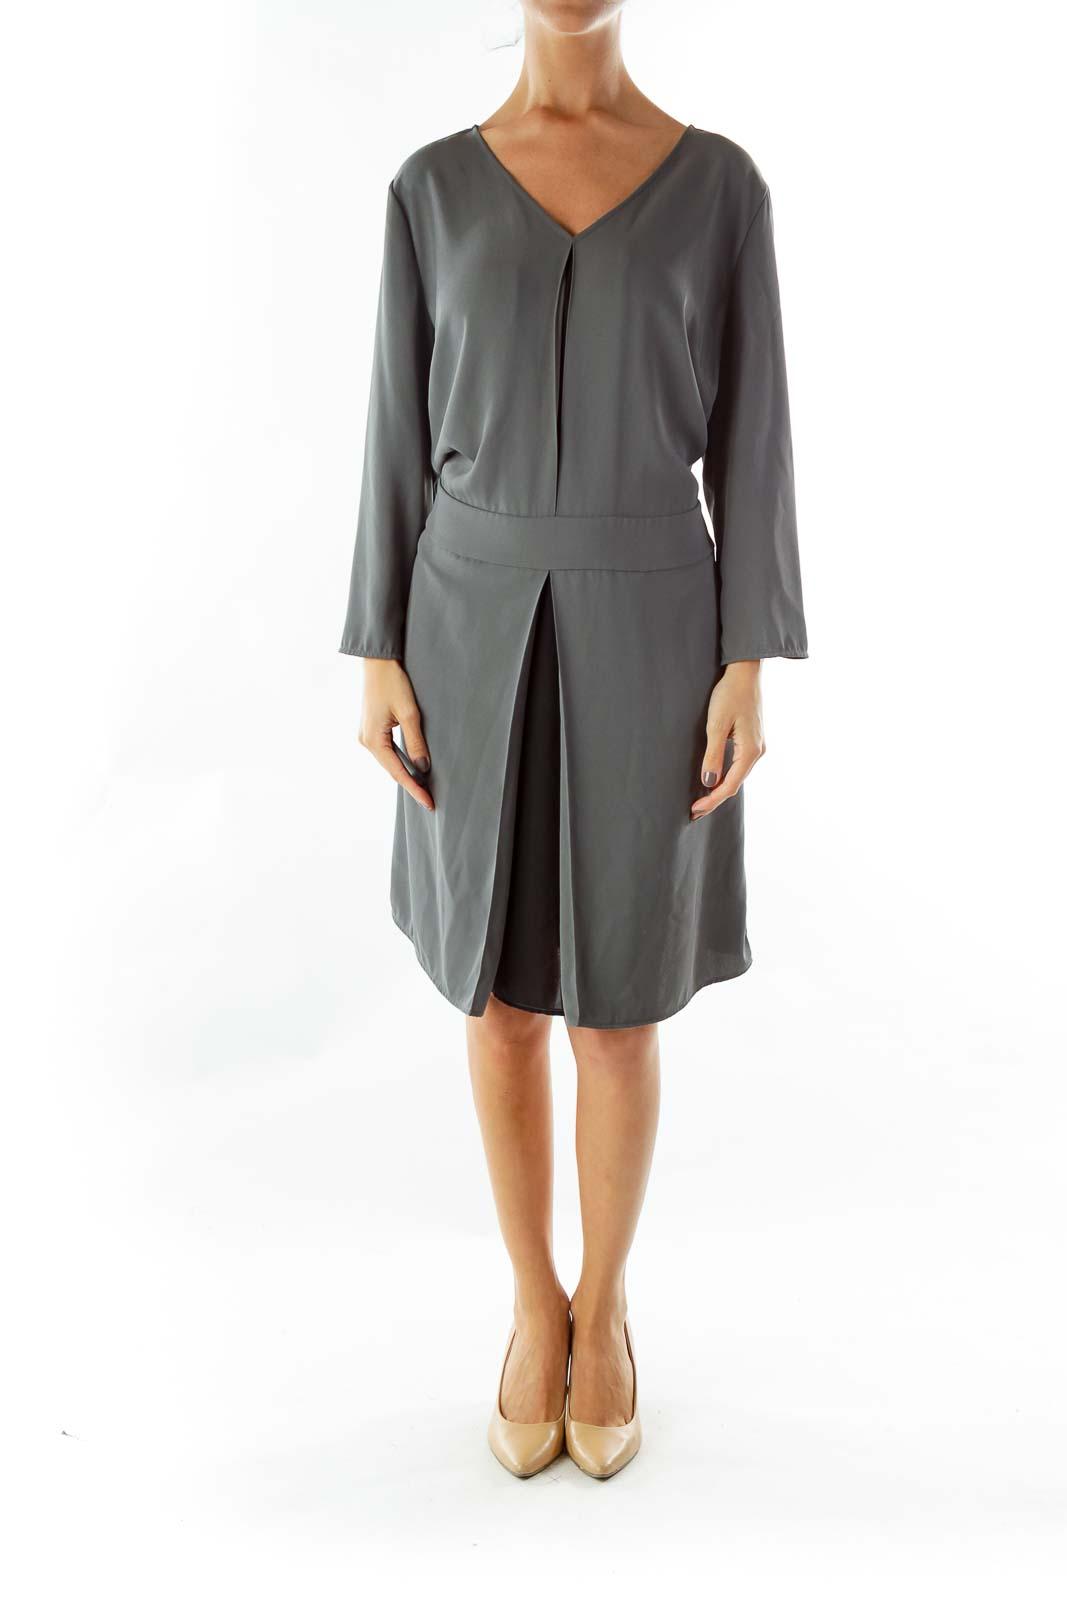 Green Black Slitted Dress